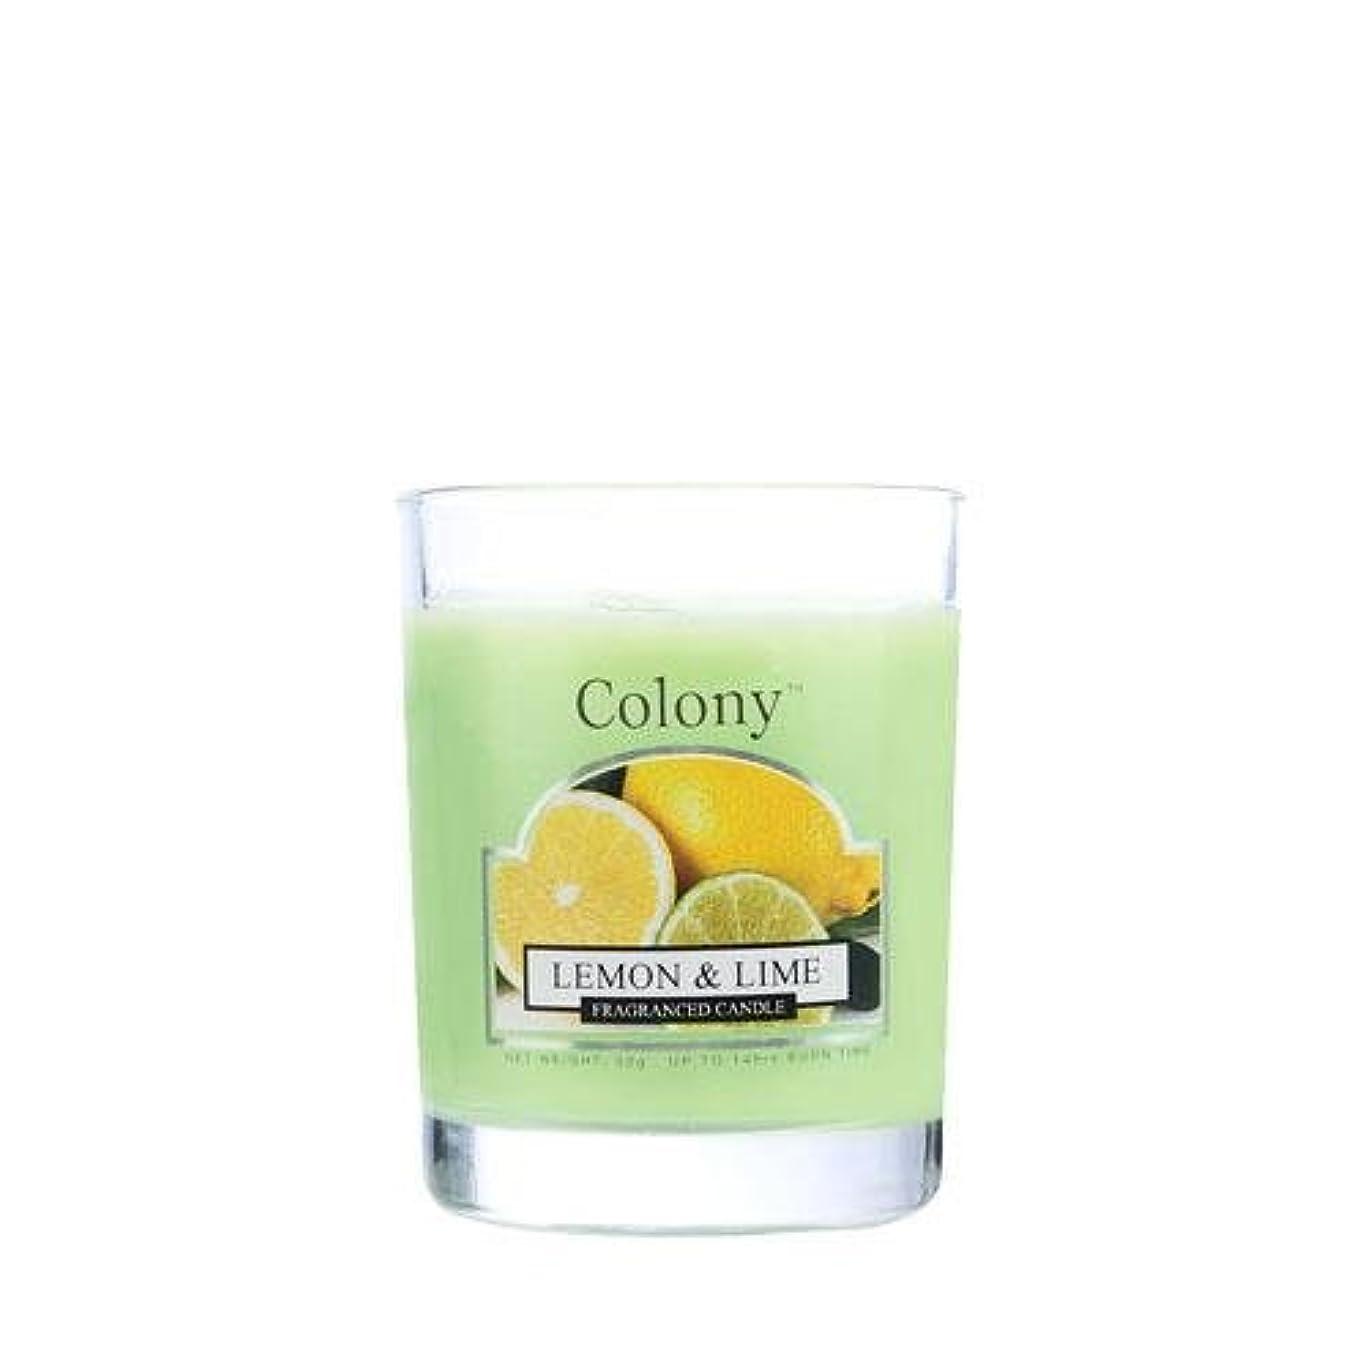 排泄する火山の慈悲WAX LYRICAL ENGLAND Colony HomeScents Series ミニワックスキャンドル レモン&ライム CNCH3668